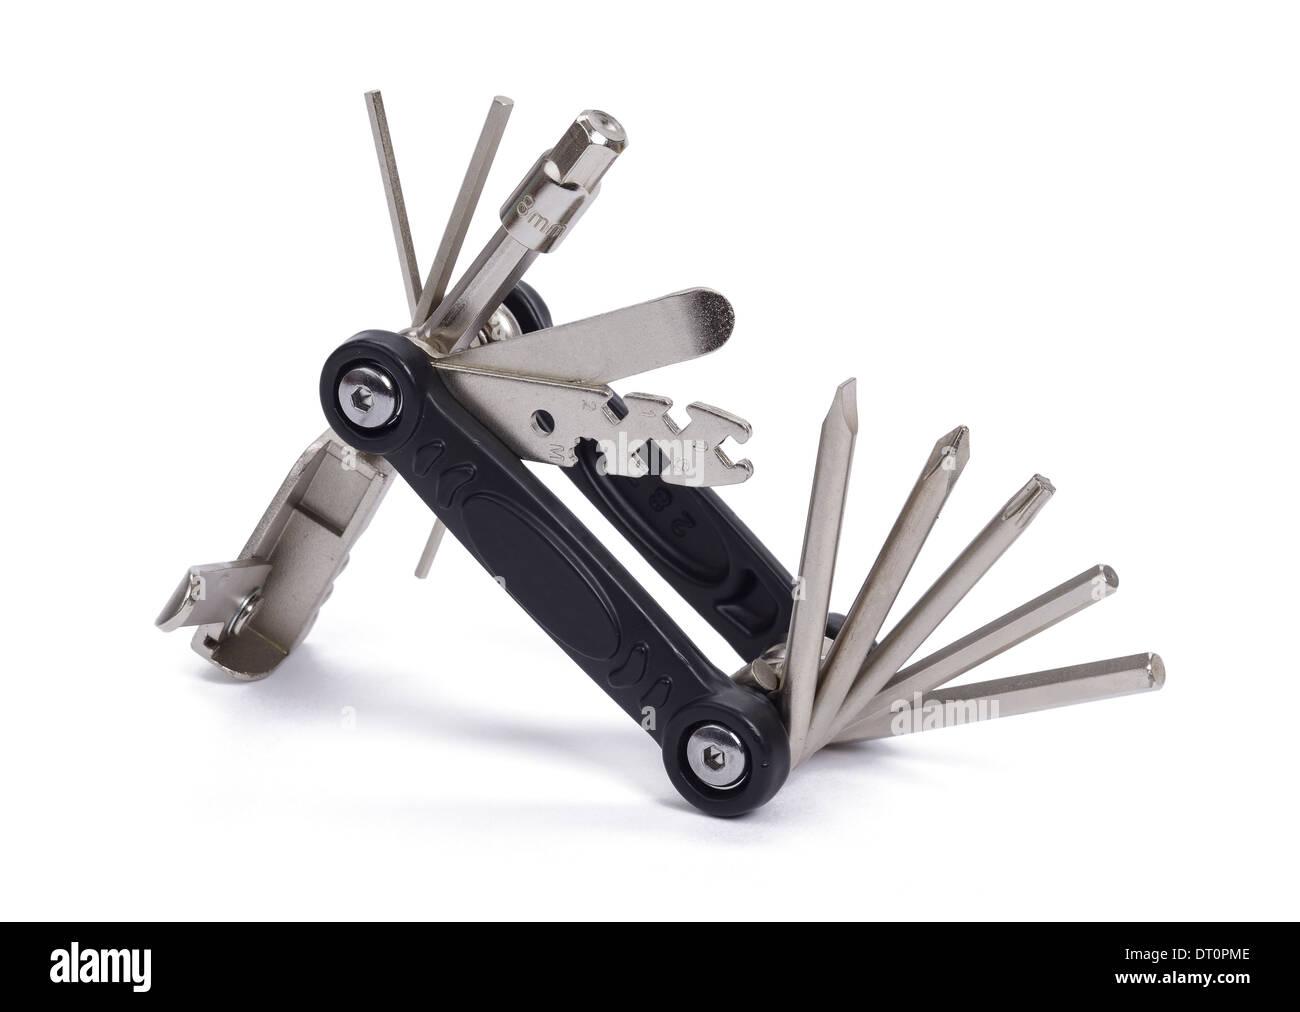 Jeu d'outils multiples pour les cyclistes Photo Stock